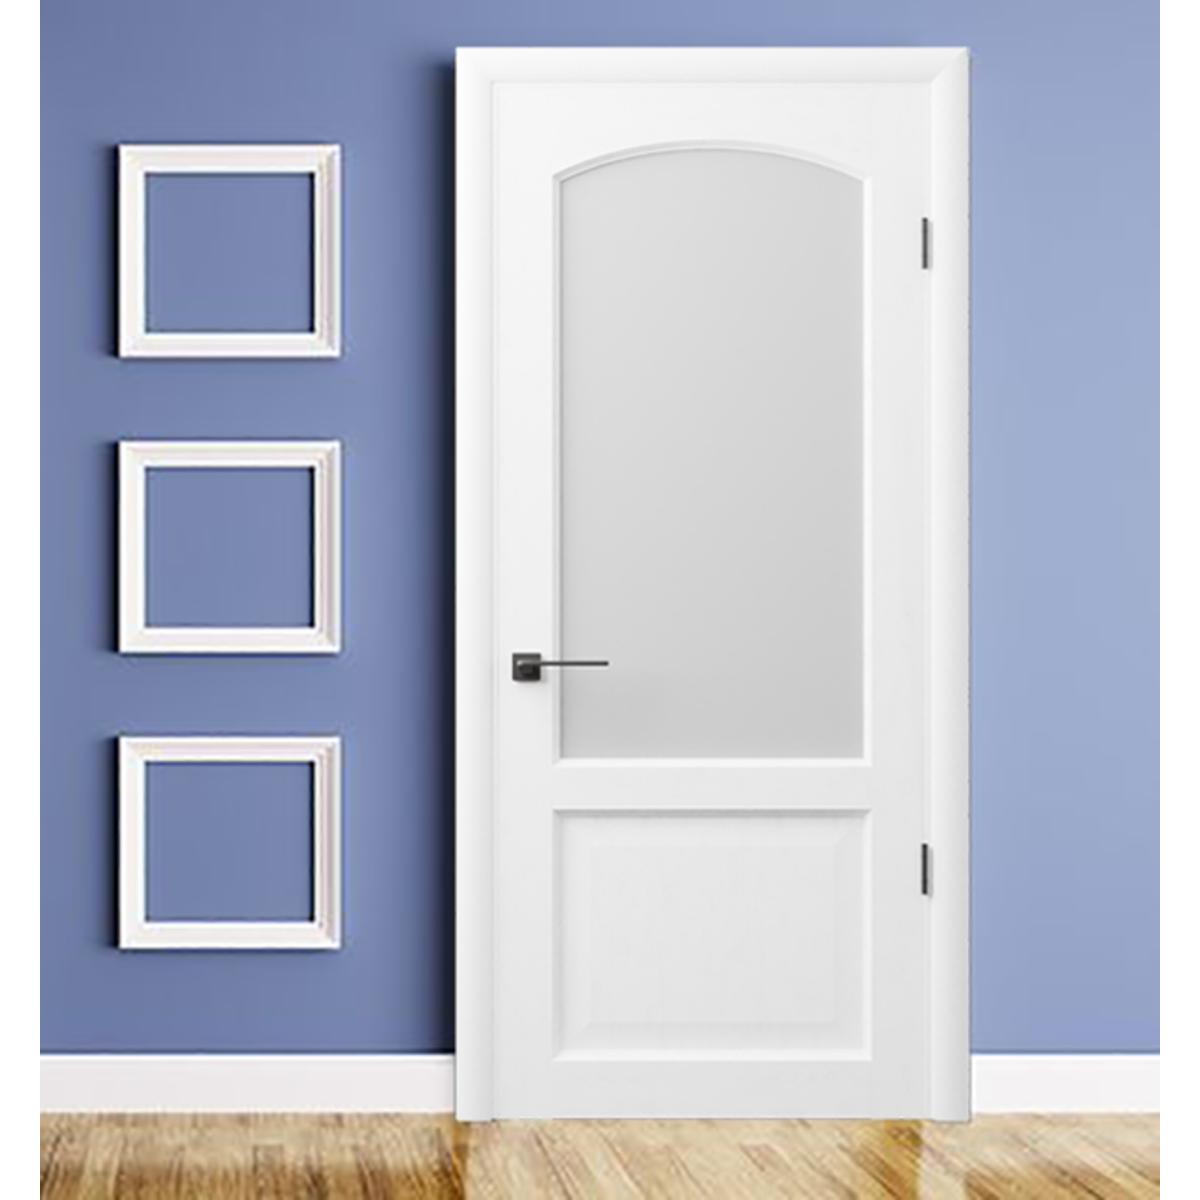 Дверь Межкомнатная Остеклённая 853 80x200 Шпон Цвет Дуб Белая Эмаль